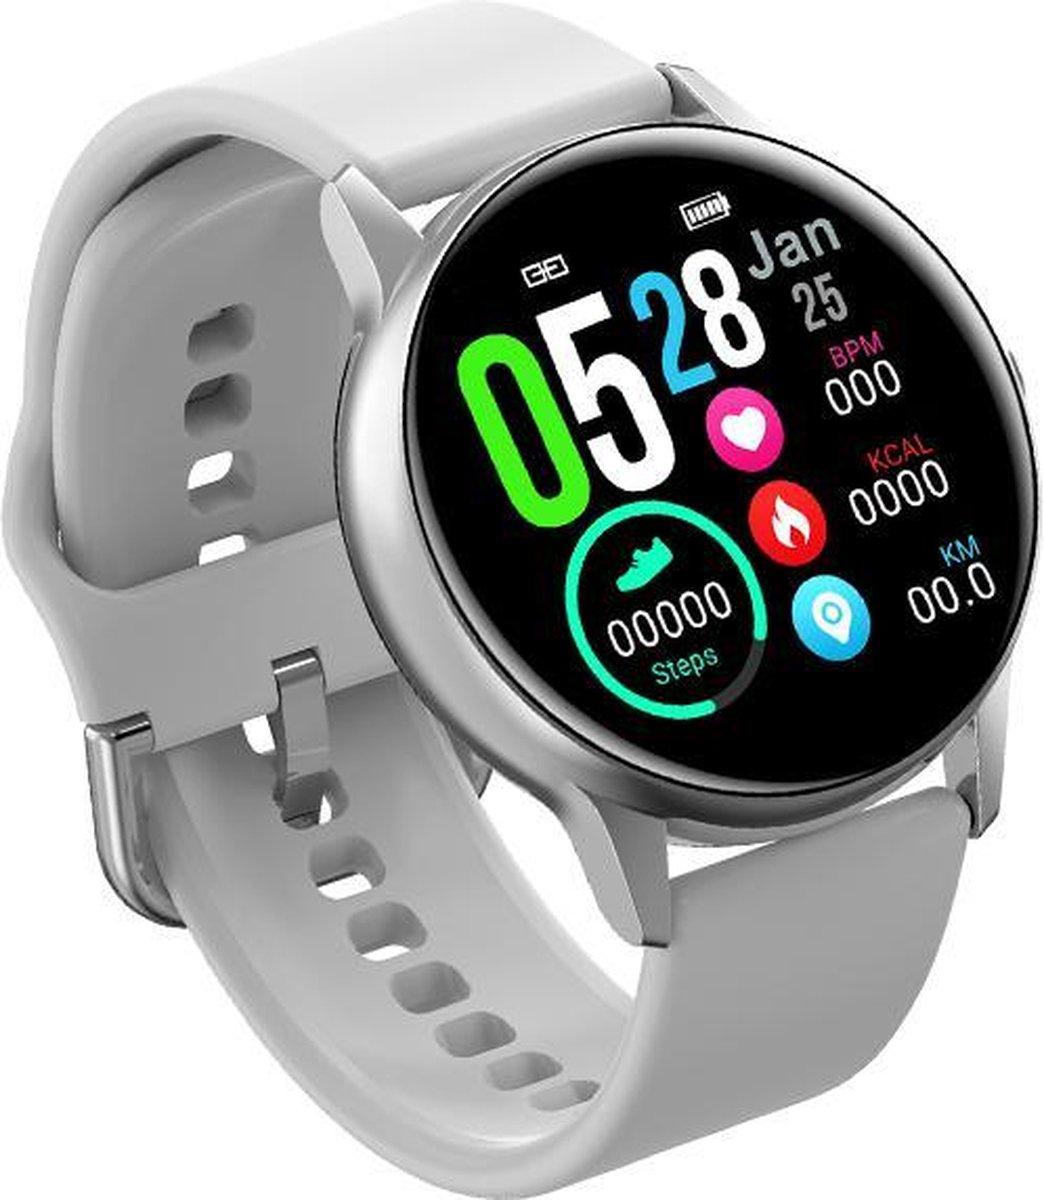 Belesy®  - BT158 - Smartwatch - Wit kopen